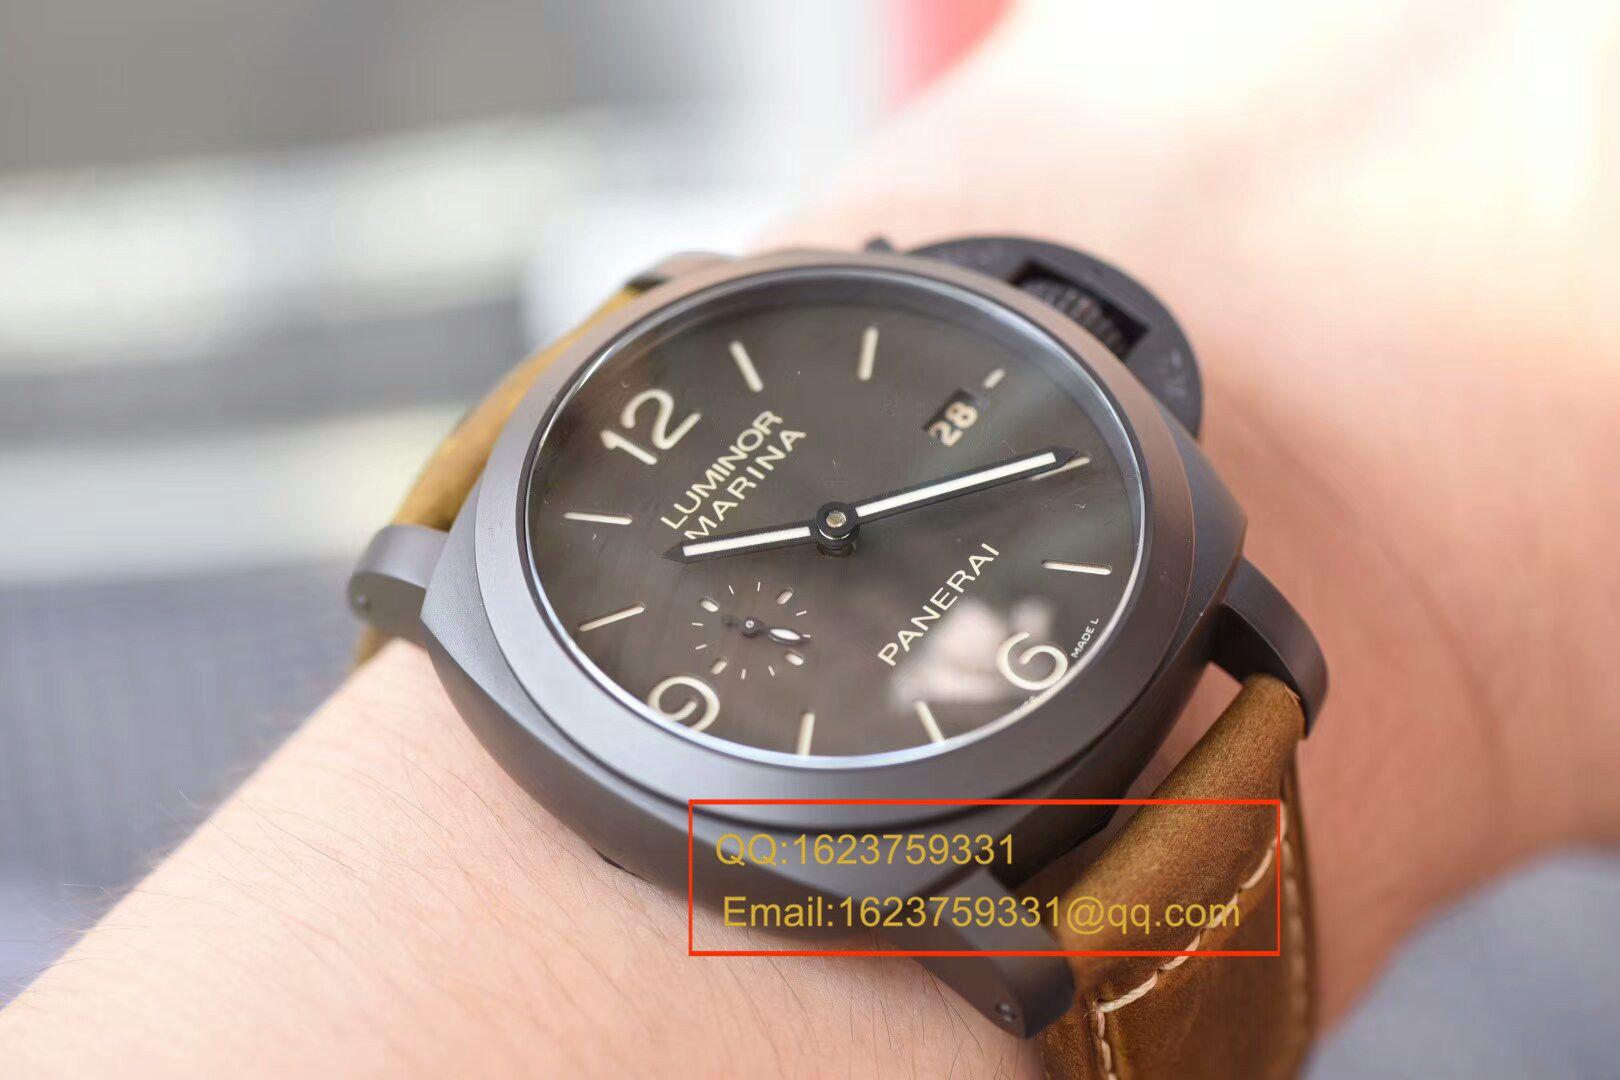 视频评测沛纳海LUMINOR 1950系列PAM 00386腕表【VS厂一比一复刻手表】 / VSPAM00386MM